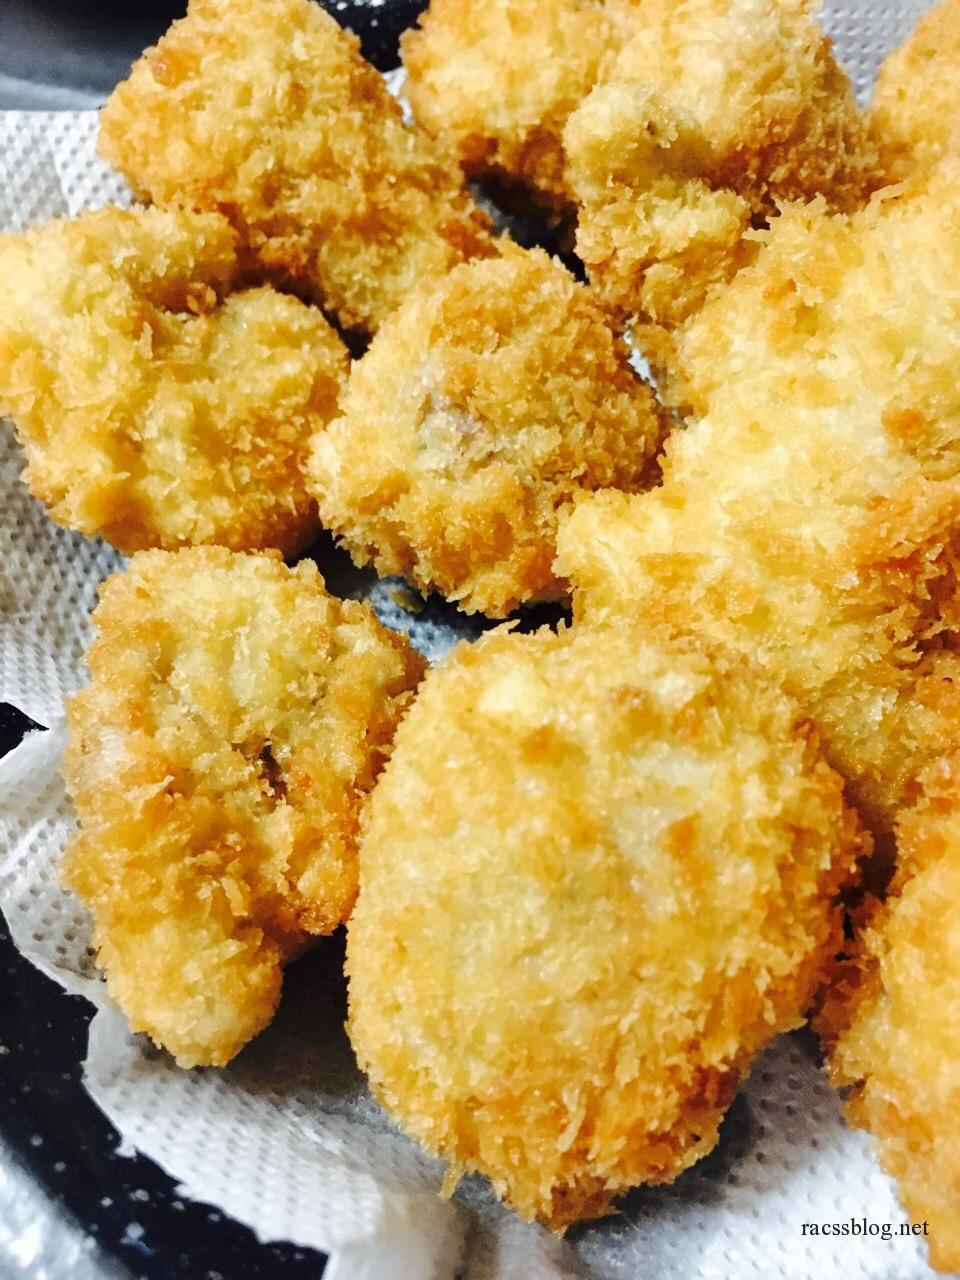 鮭の白子の下処理方法とレシピ フライならメインディッシュになります